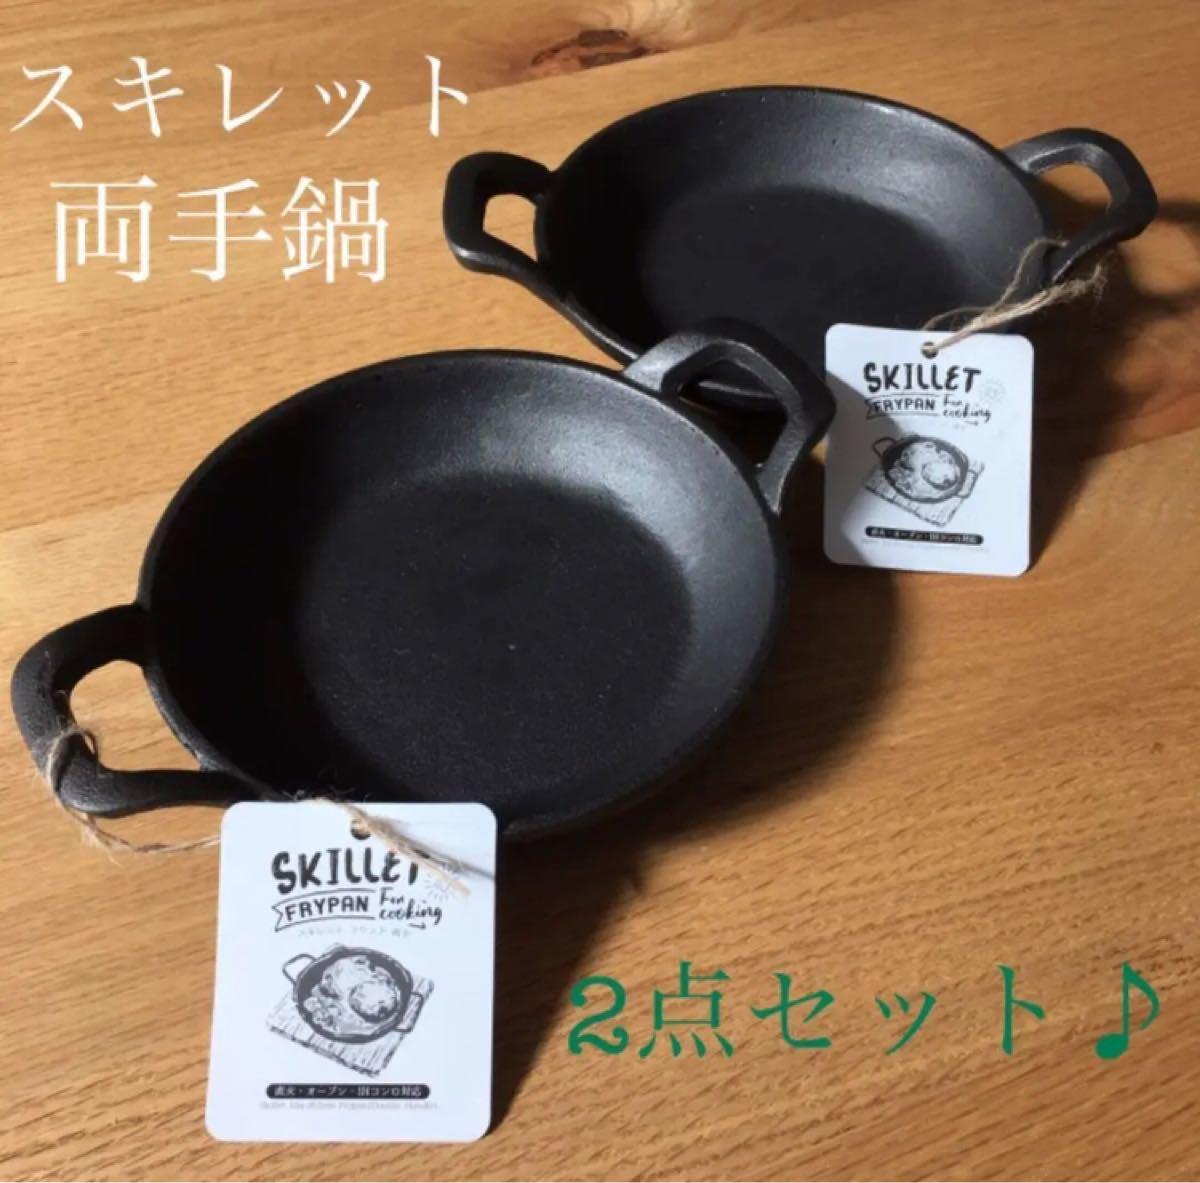 新品★ スキレット 両手鍋 直火 オーブン IH対応 キャンプ カフェ 2点